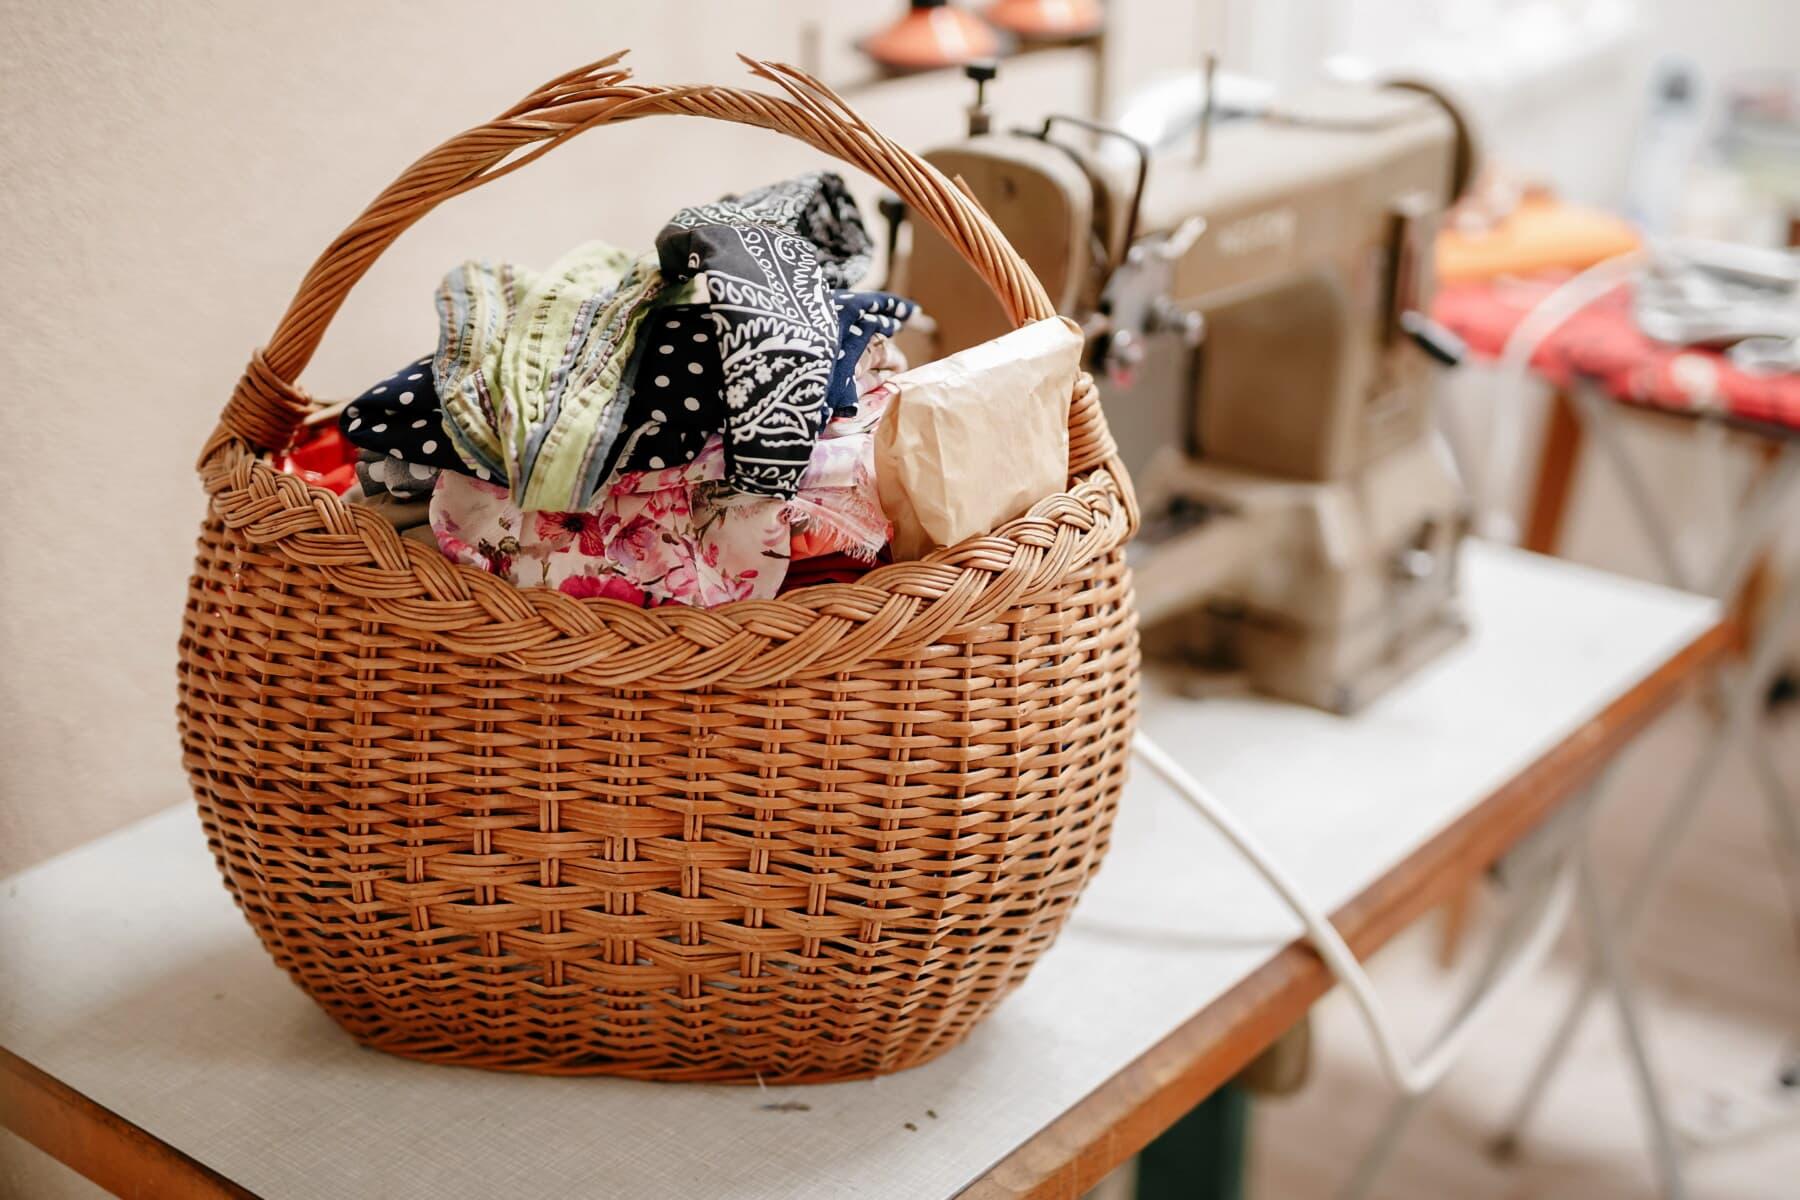 хлопок, плетеные корзины, одежда, текстиль, мастерская, дизайн, студия, корзина, плетеные, ручной работы